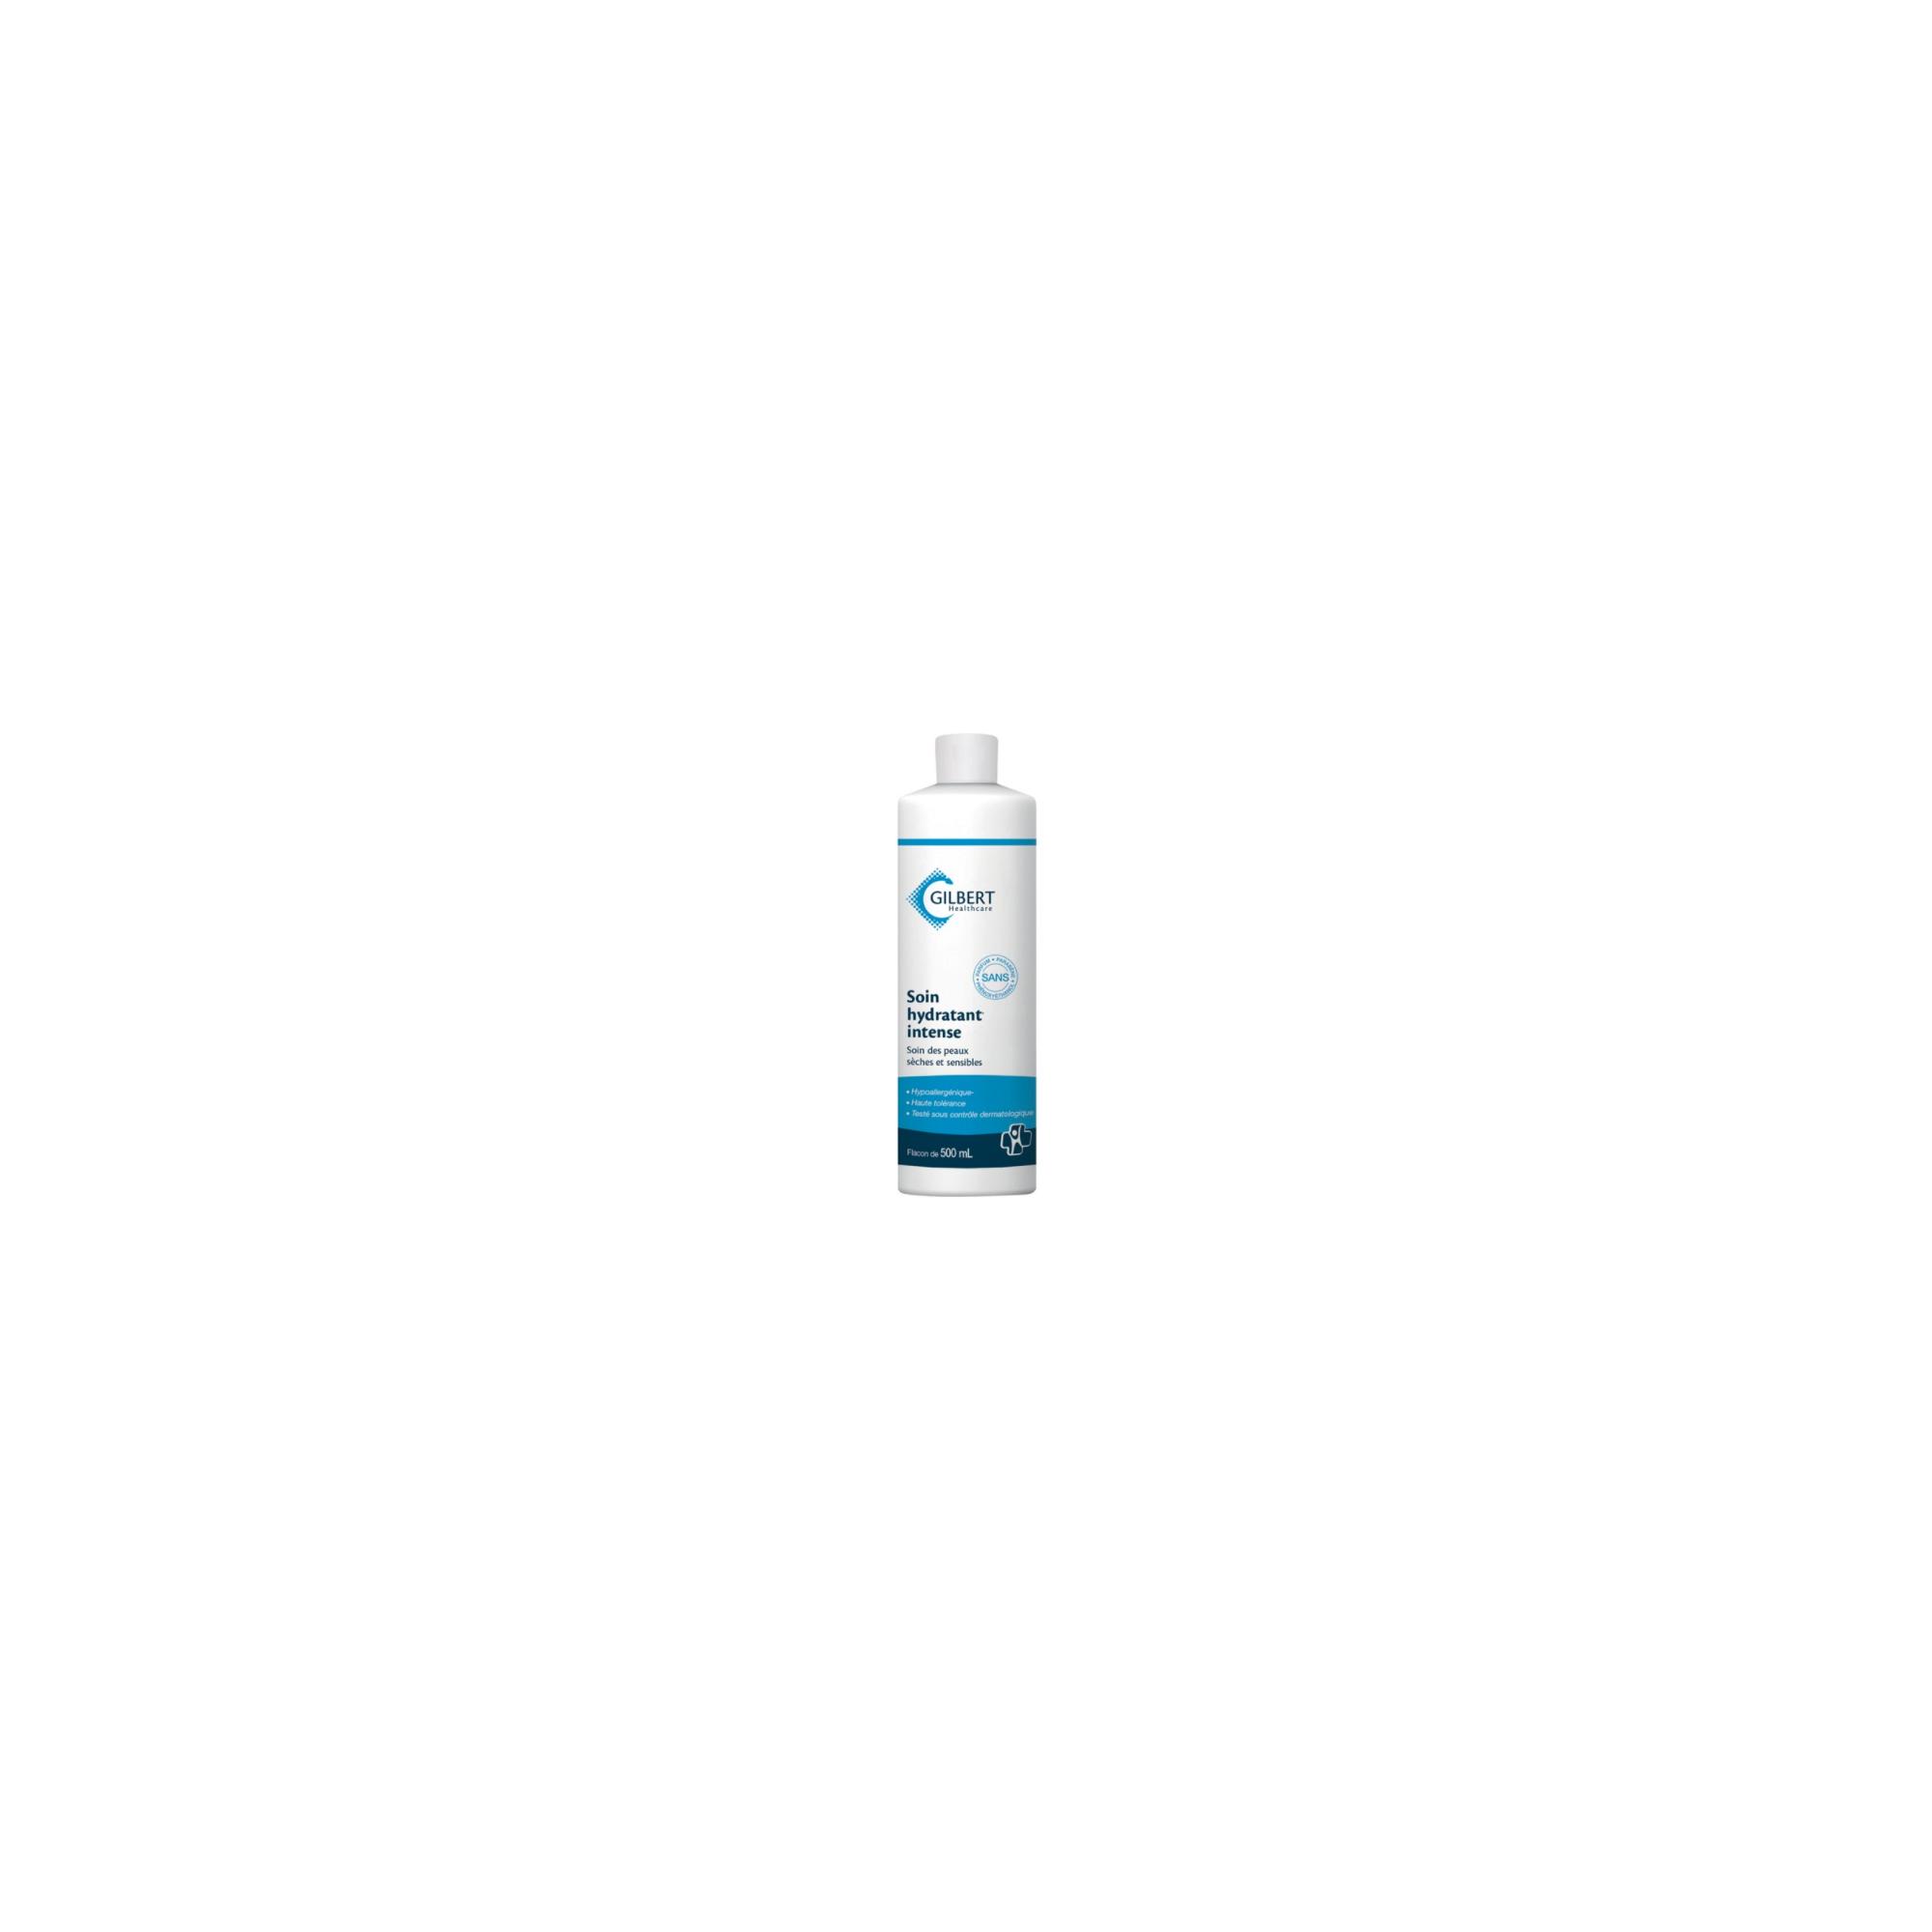 Crème hydratante intense - 500 ml - Flacon pompe